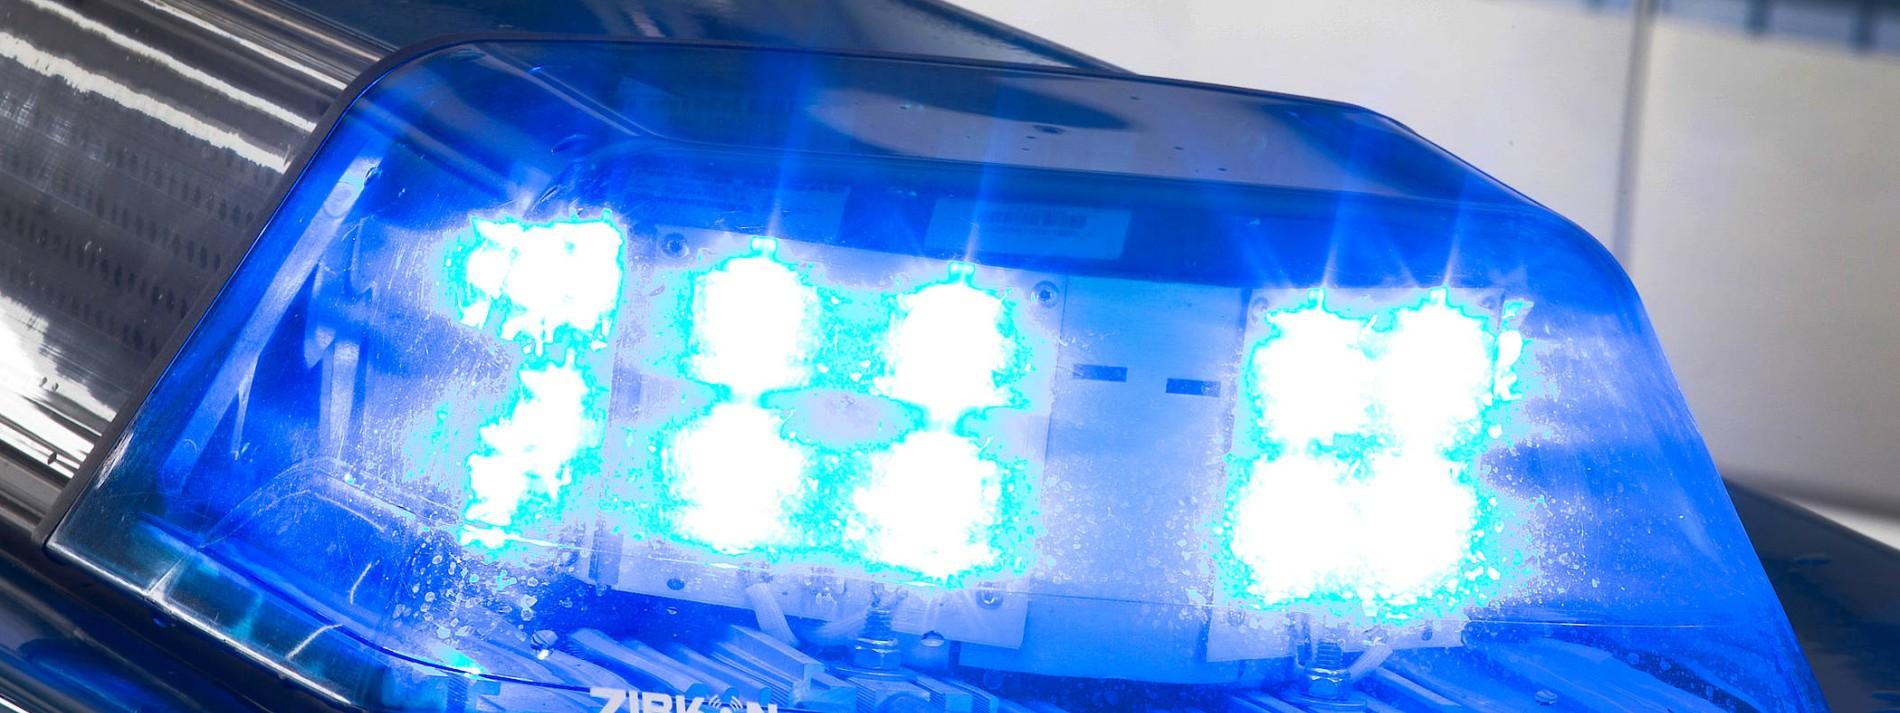 Brennender Linienbus – Polizei sucht gewalttätige Gruppe